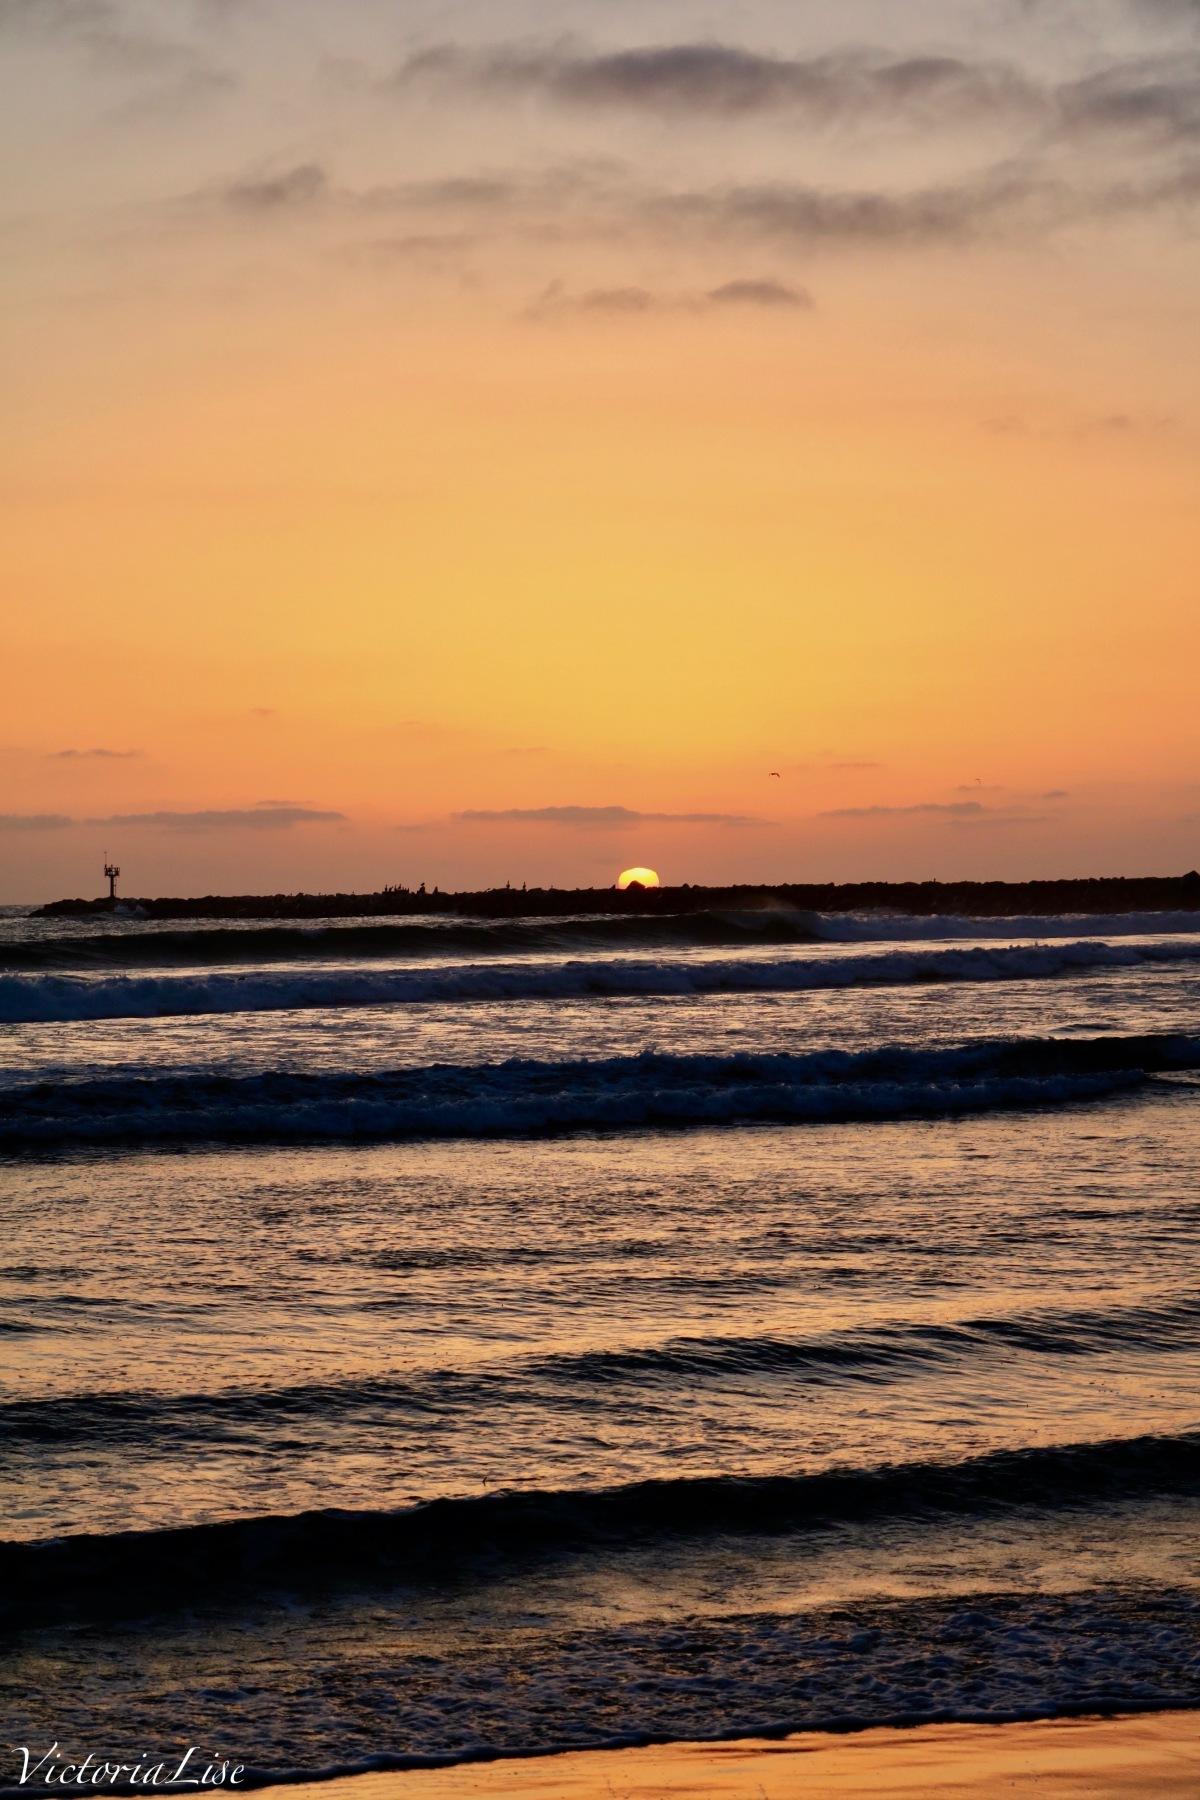 Sunset over Ocean Beach. San Diego, California. ©Victoria Lise 2018.